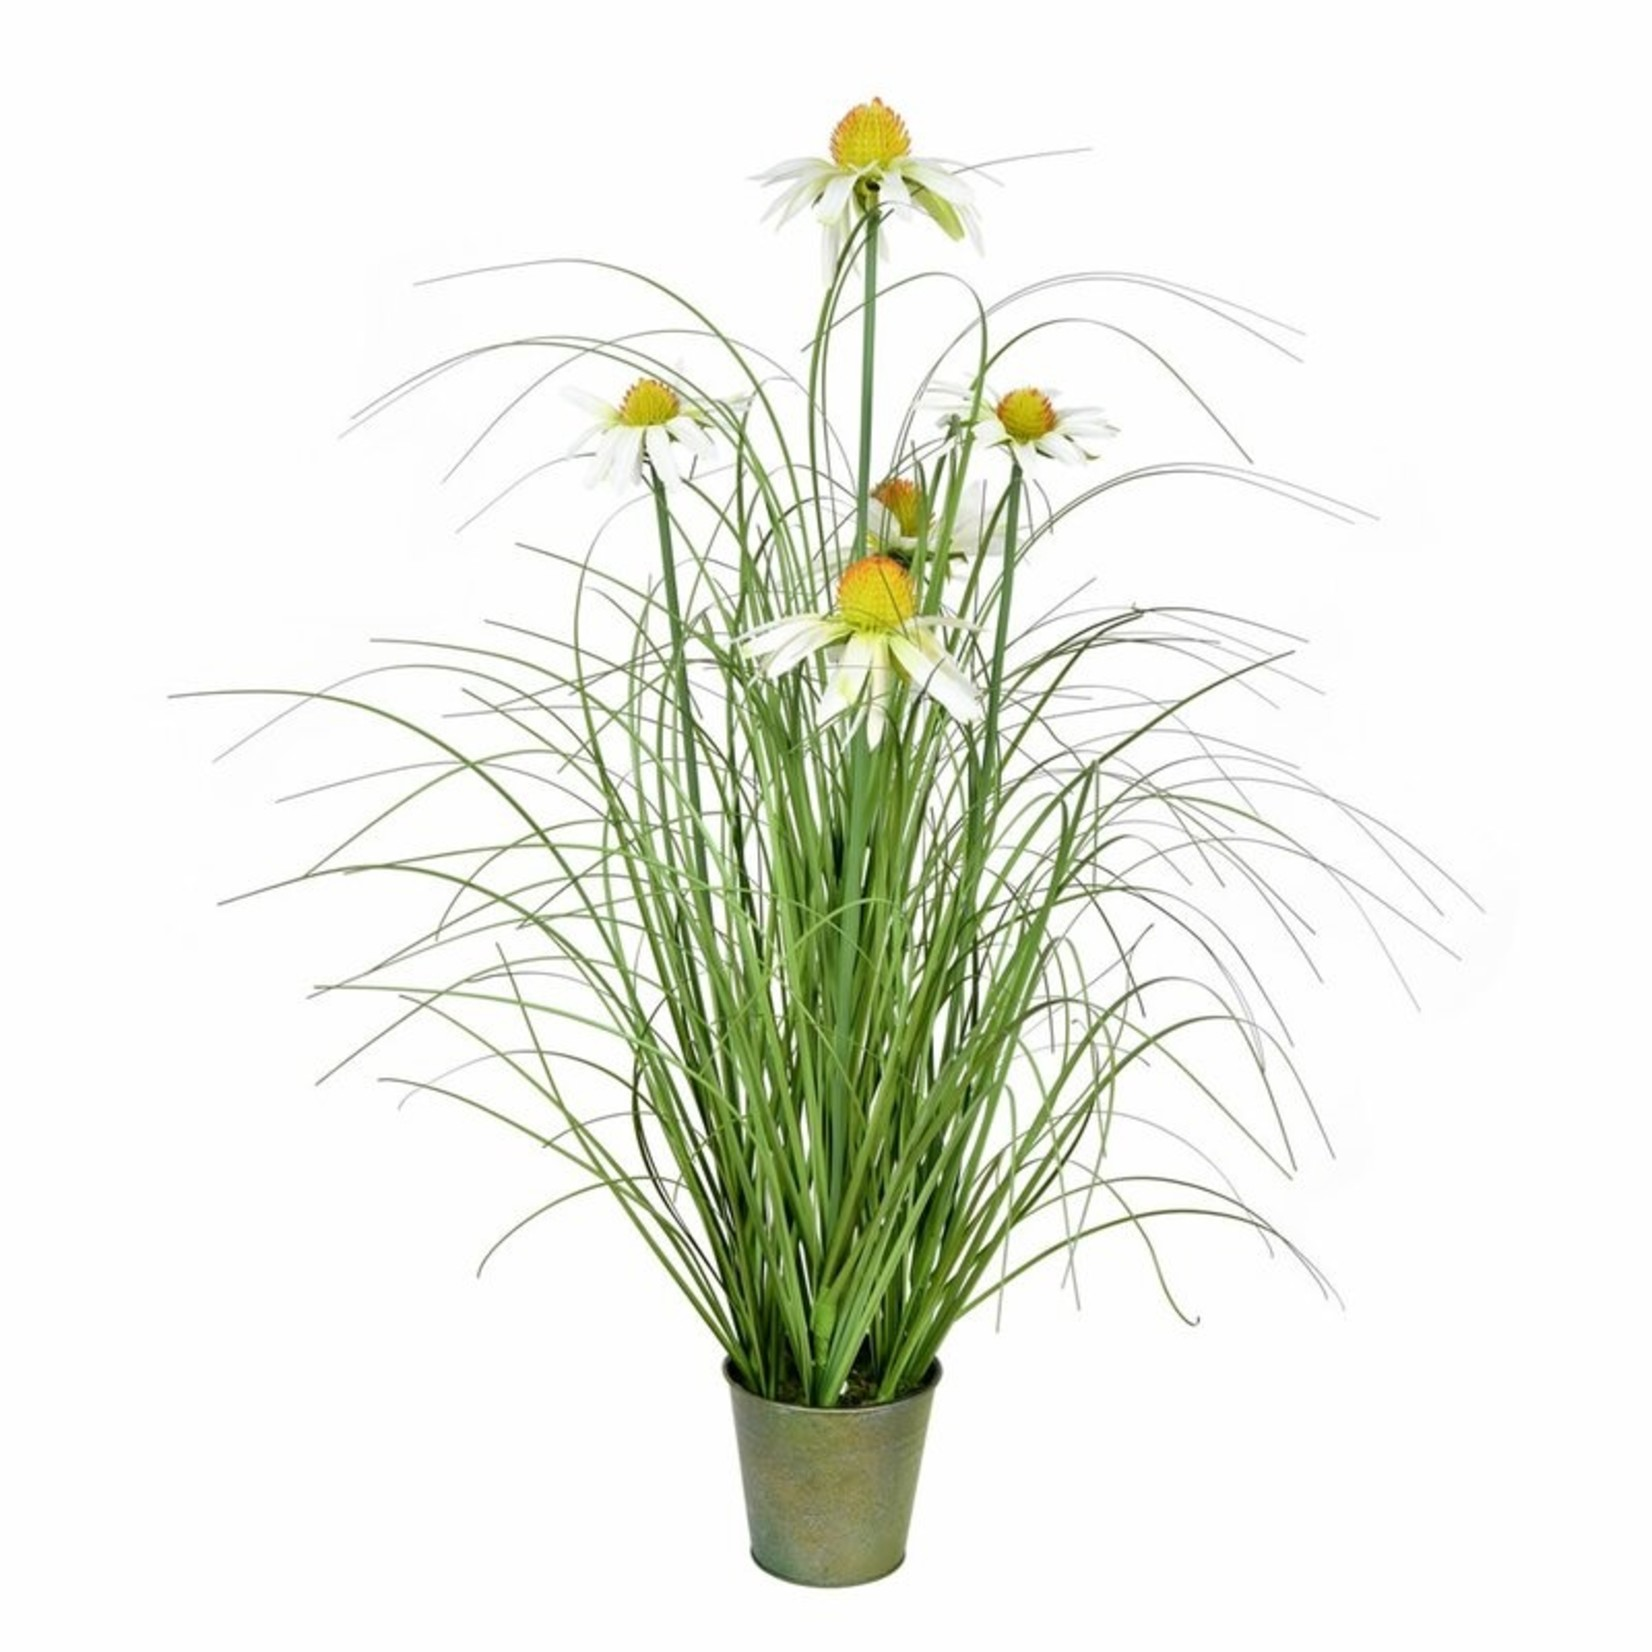 *Artificial Grass in Pot